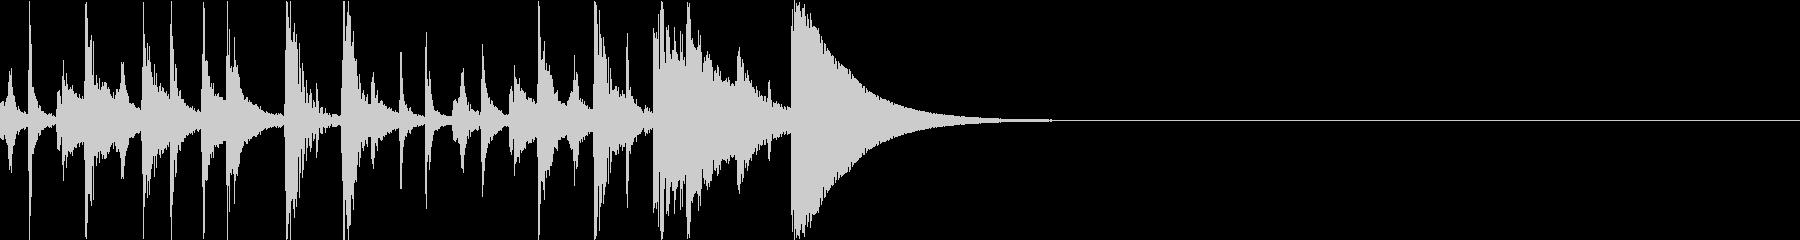 打楽器だけで構成されたショートOP用音源の未再生の波形